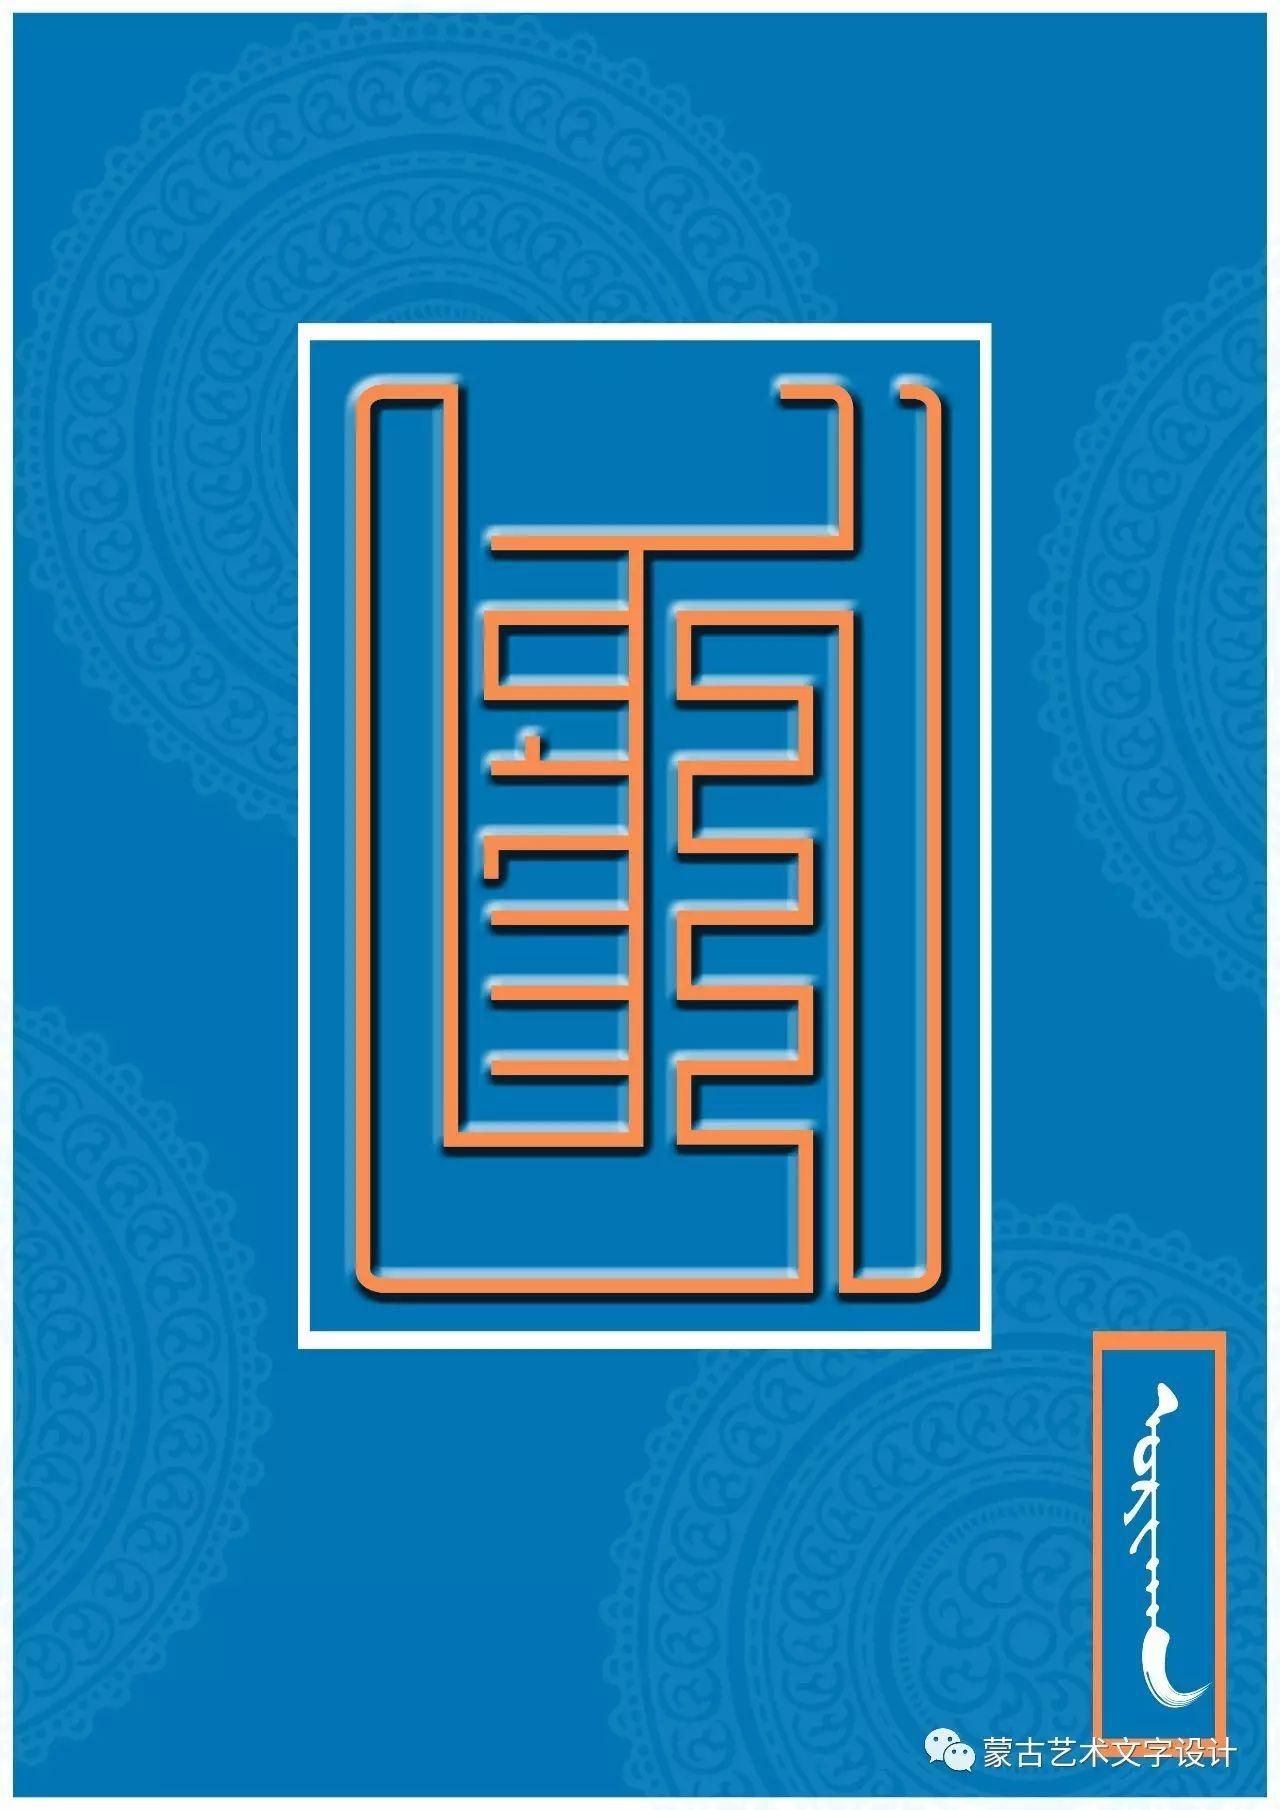 蒙古艺术文字设计 第44张